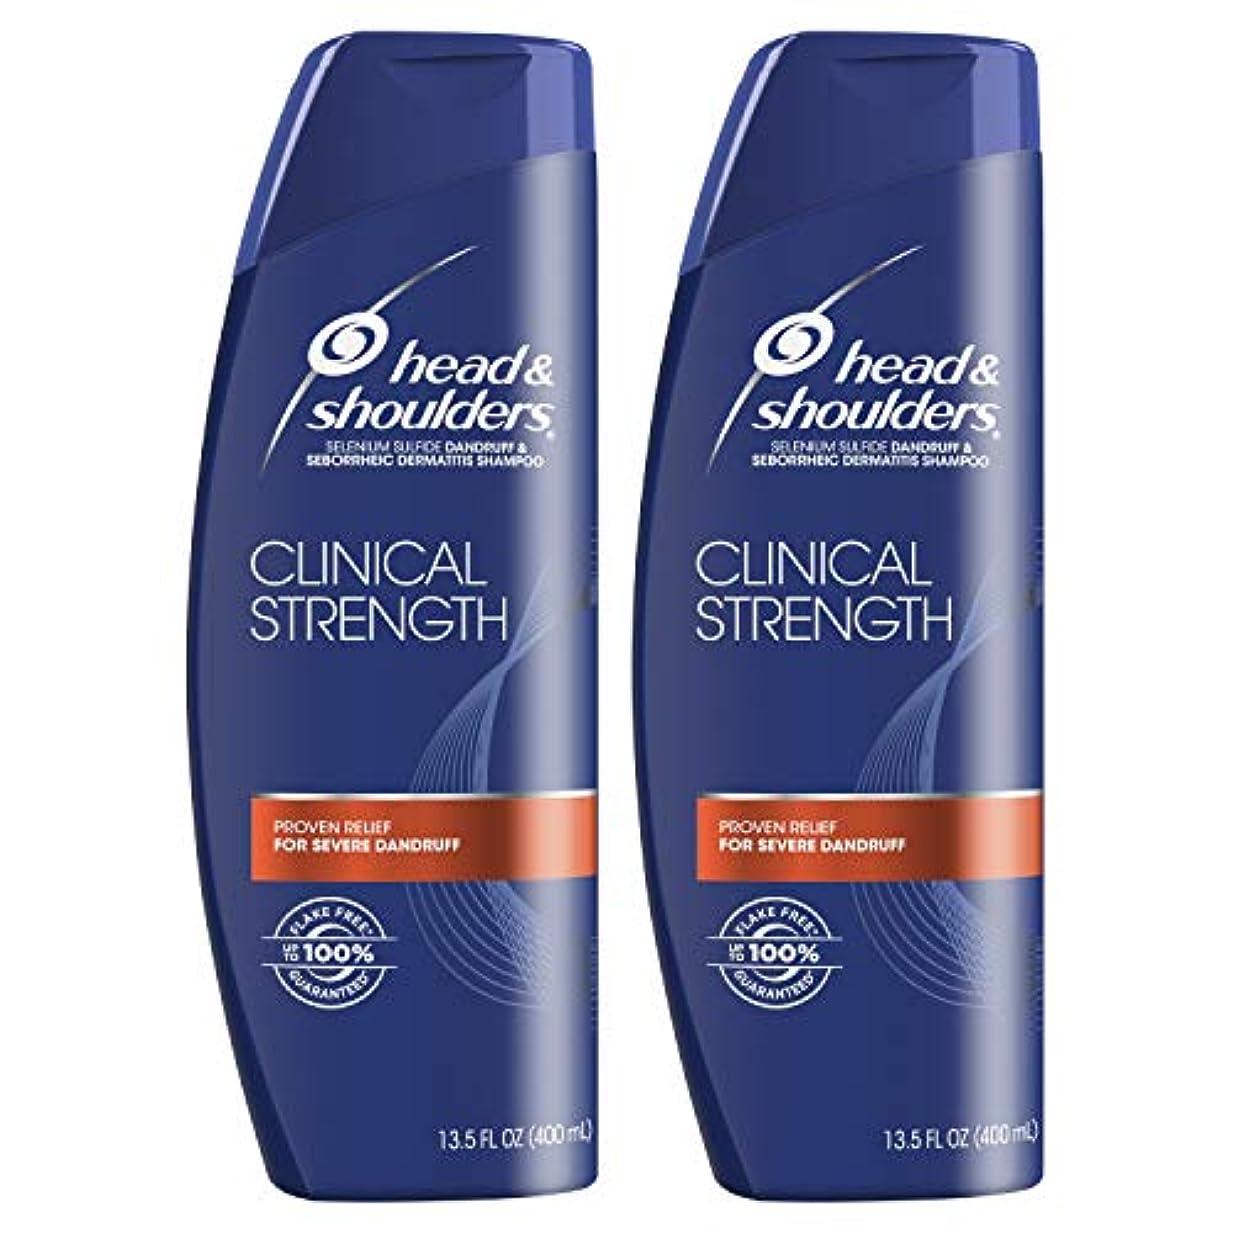 シェフスタウト直感Head and Shoulders Clinical Strength Dandruff and Seborrheic Dermatitisシャンプー、13.5 FL OZ